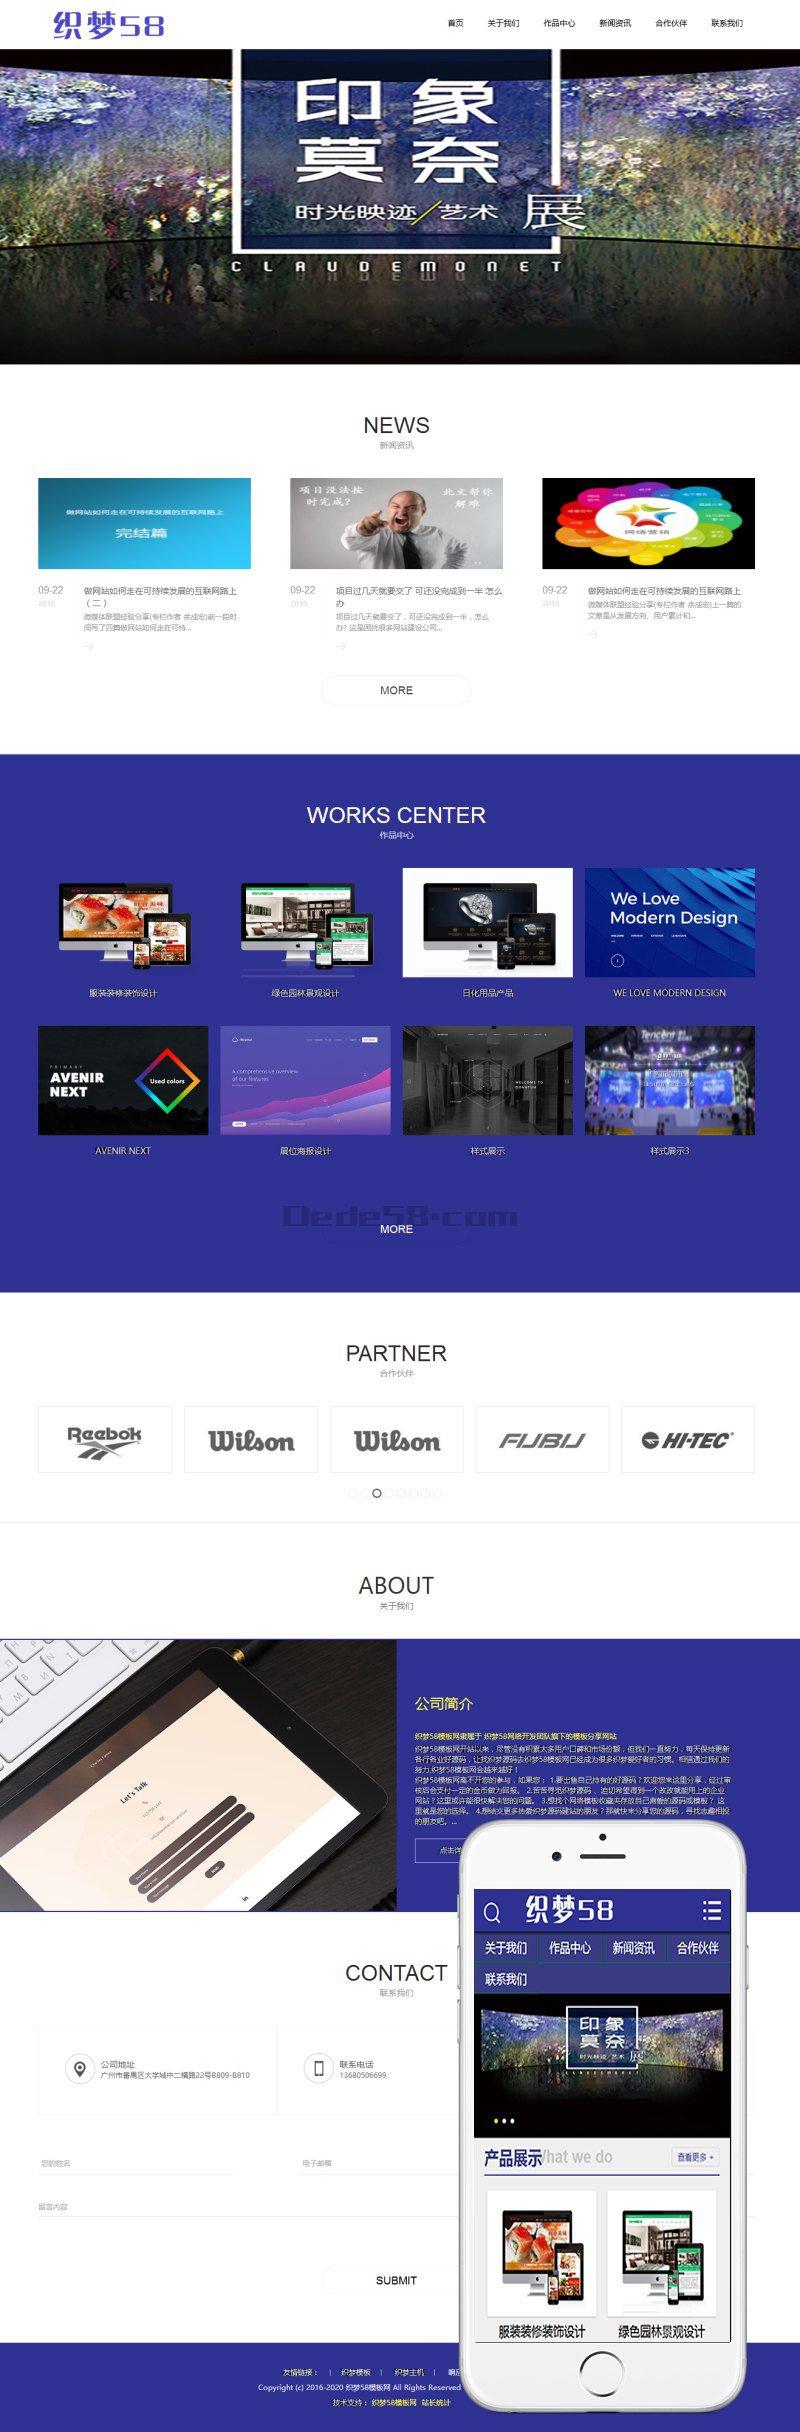 [织梦模板]高端视觉创意展位设计dedecms模板(带手机端)